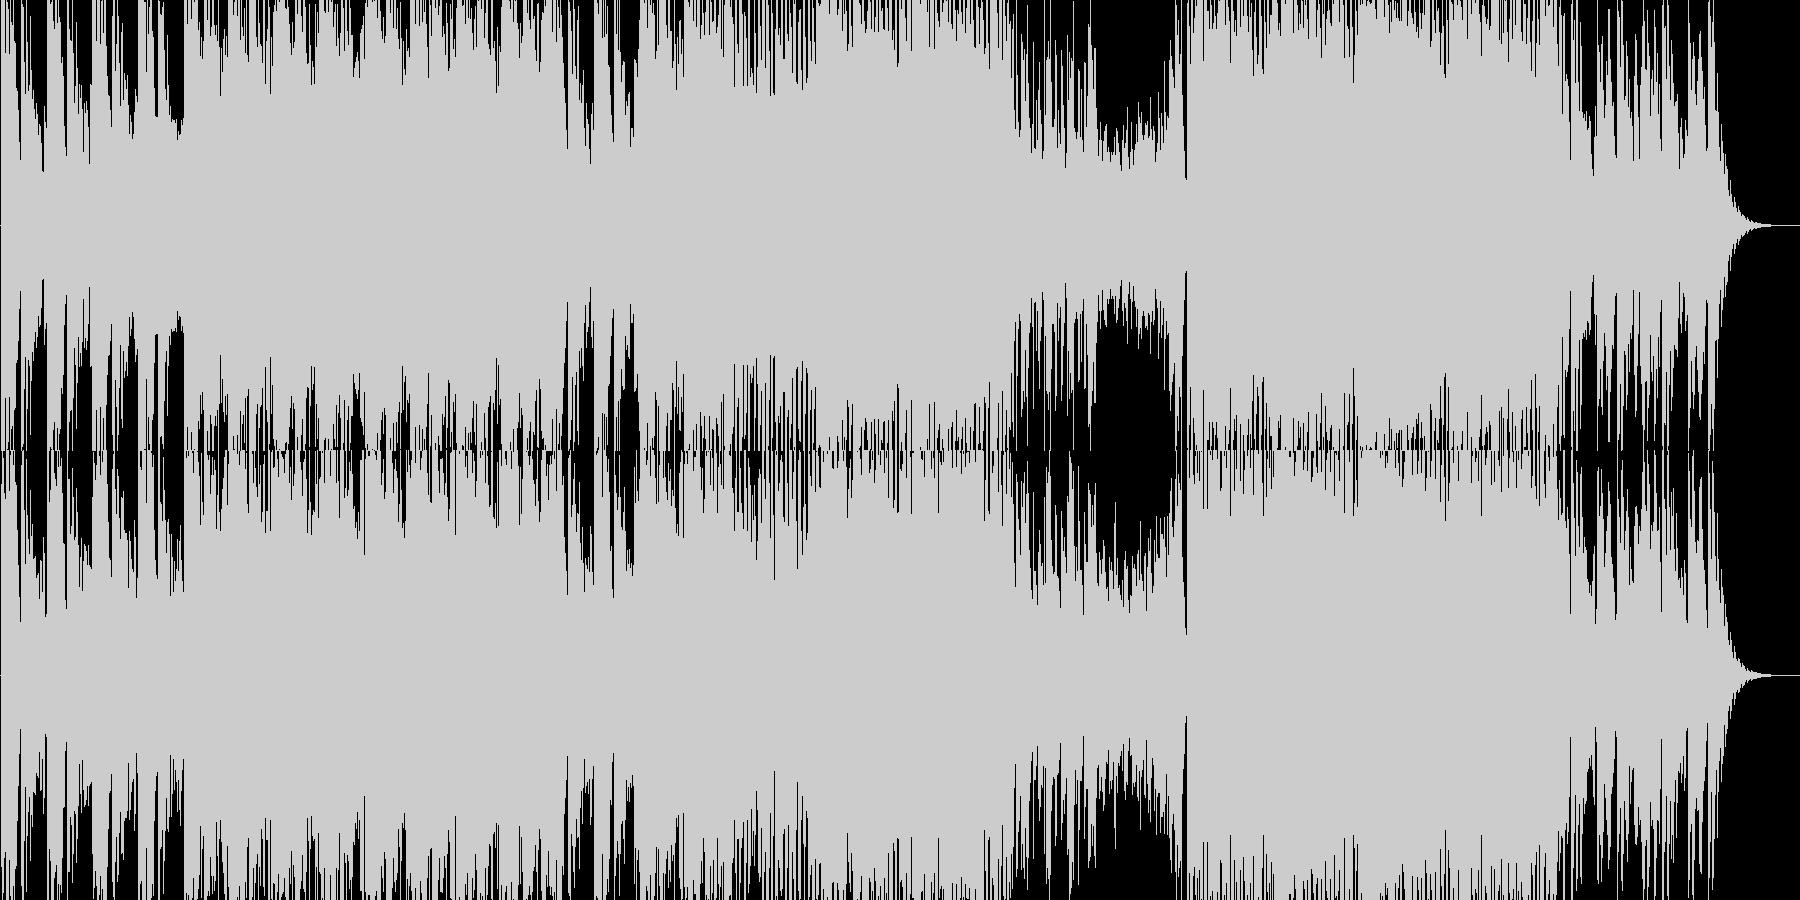 哀愁感が漂うHipHopの未再生の波形